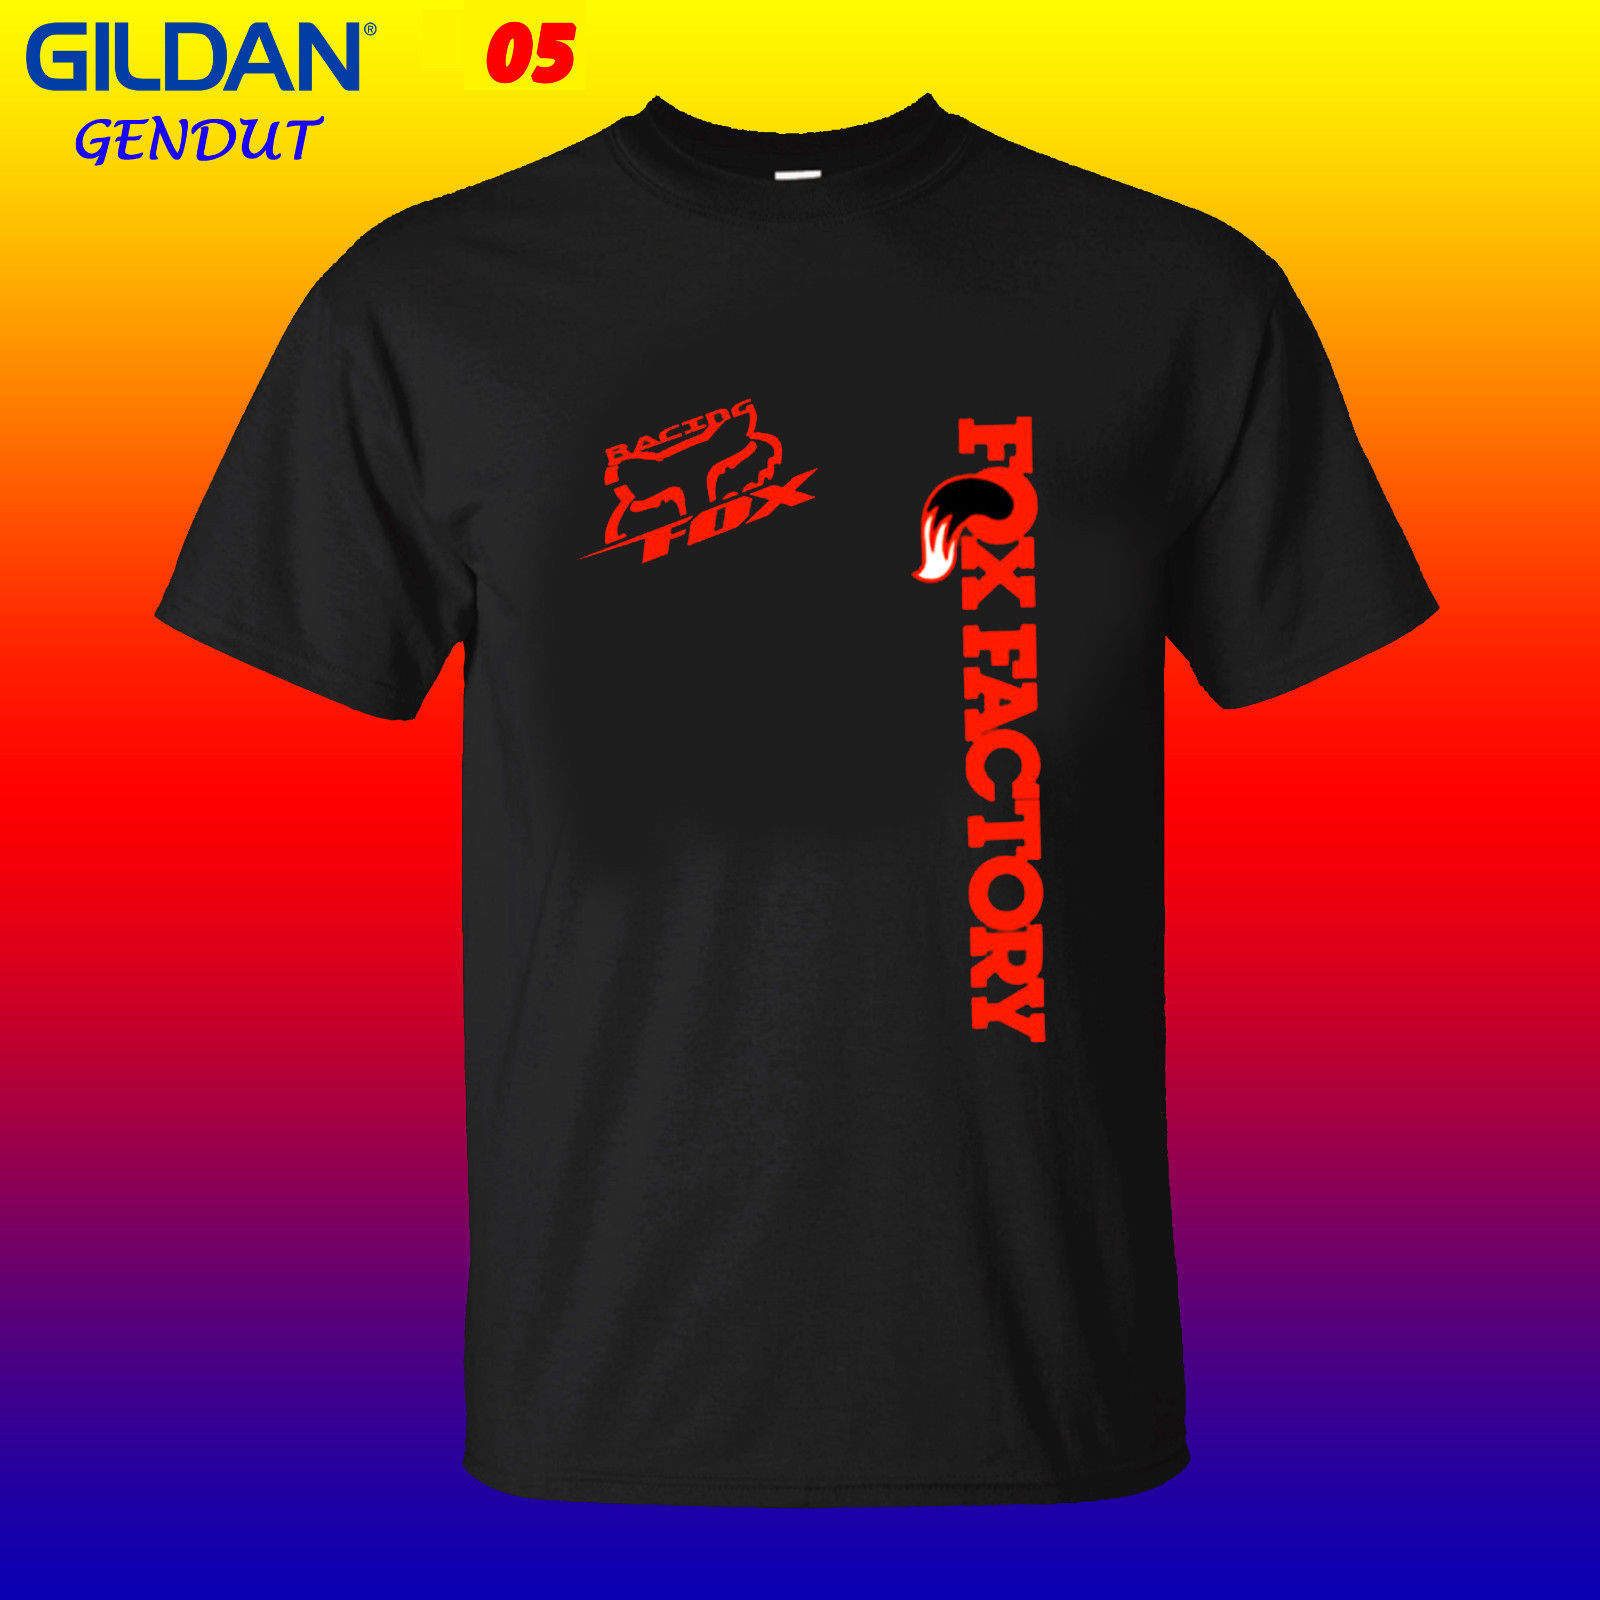 T-shirts Newfoundland Growlers Ice Hockey 2019 Mens T-shirt Size S-2xl Cool Casual Pride T Shirt Men Unisex Fashion Tshirt Free